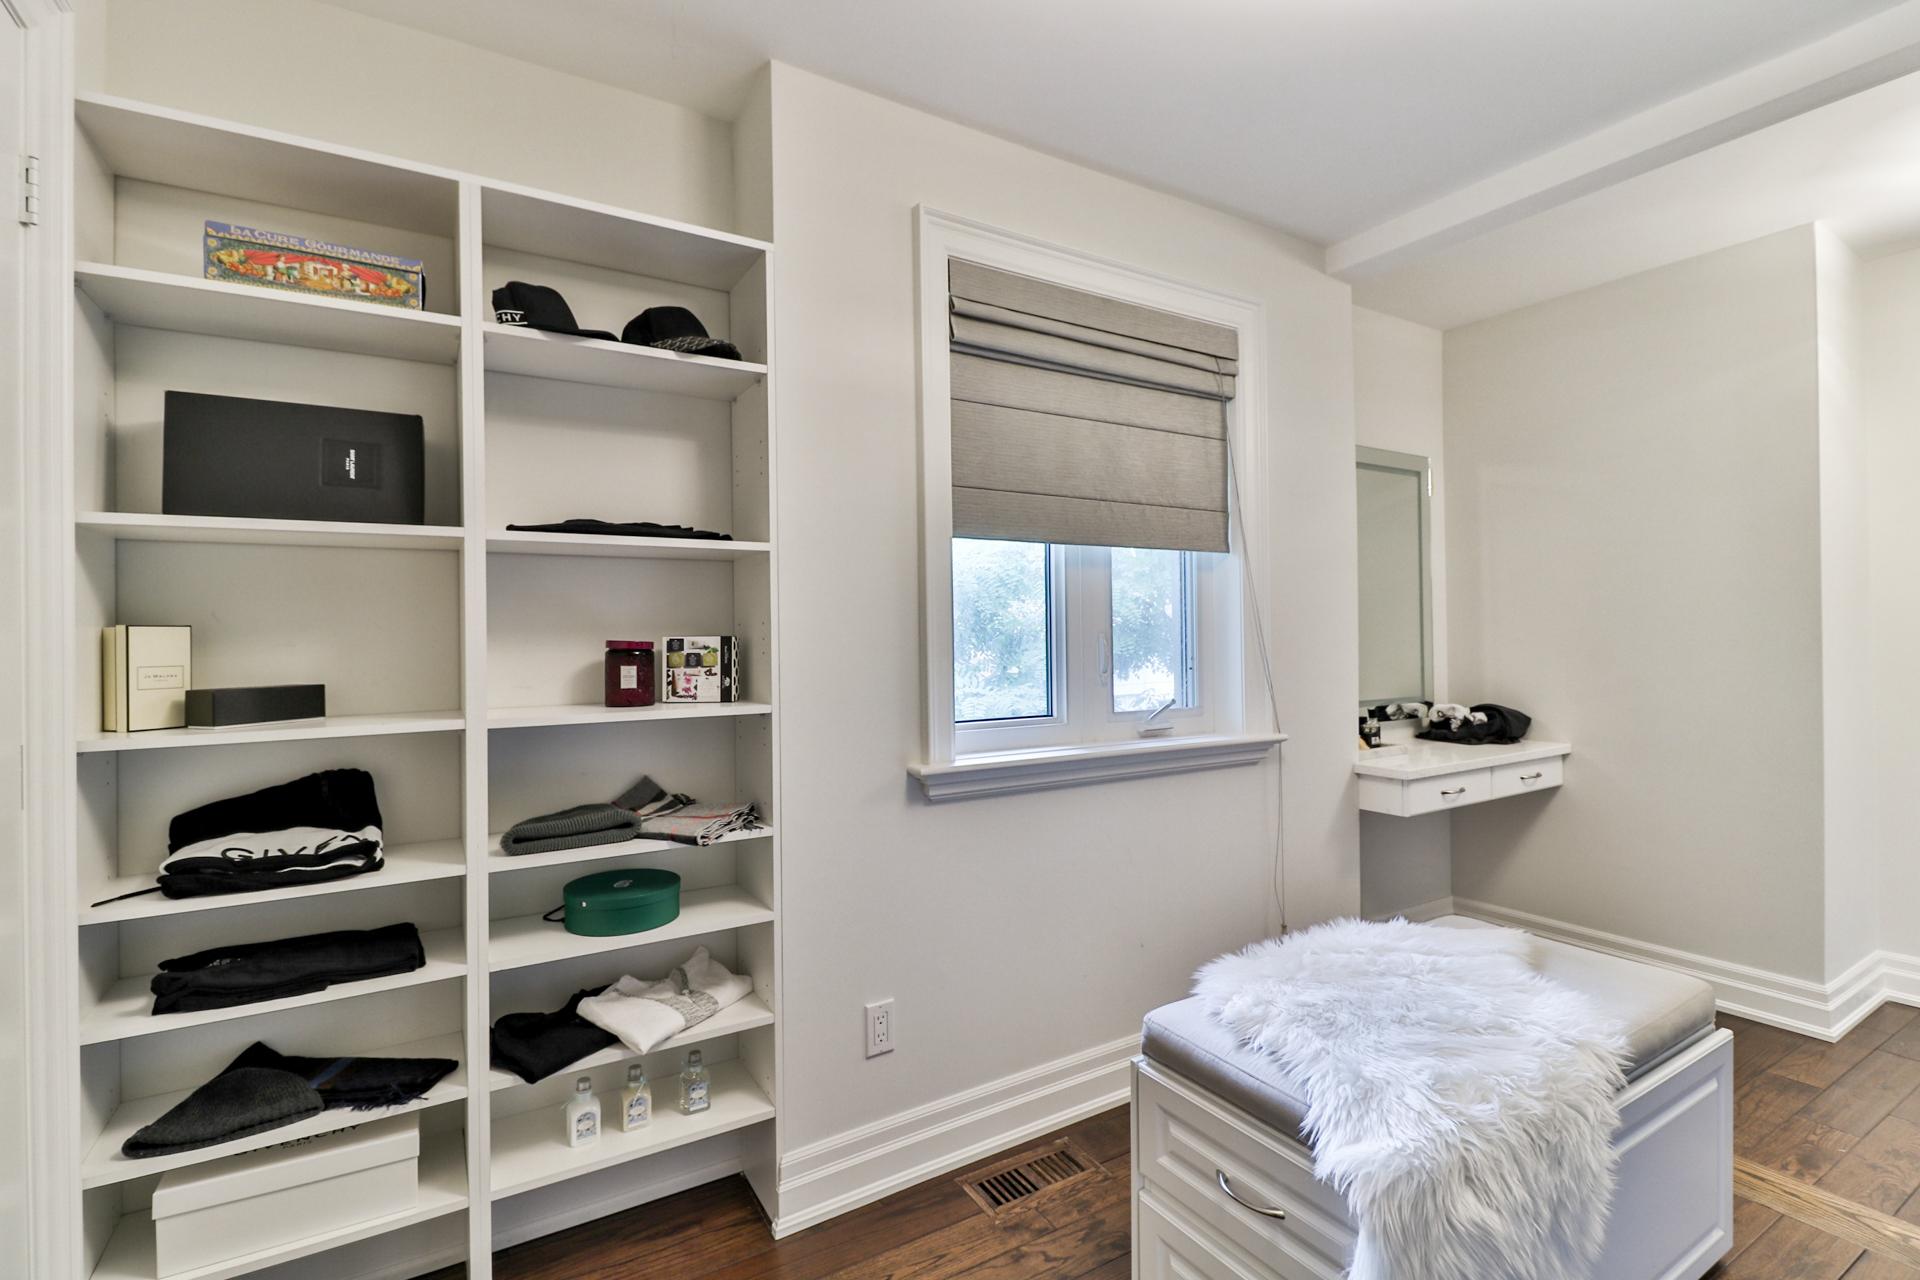 Master Bedroom Closet, 149 Shaver, Etobicoke Home Staging